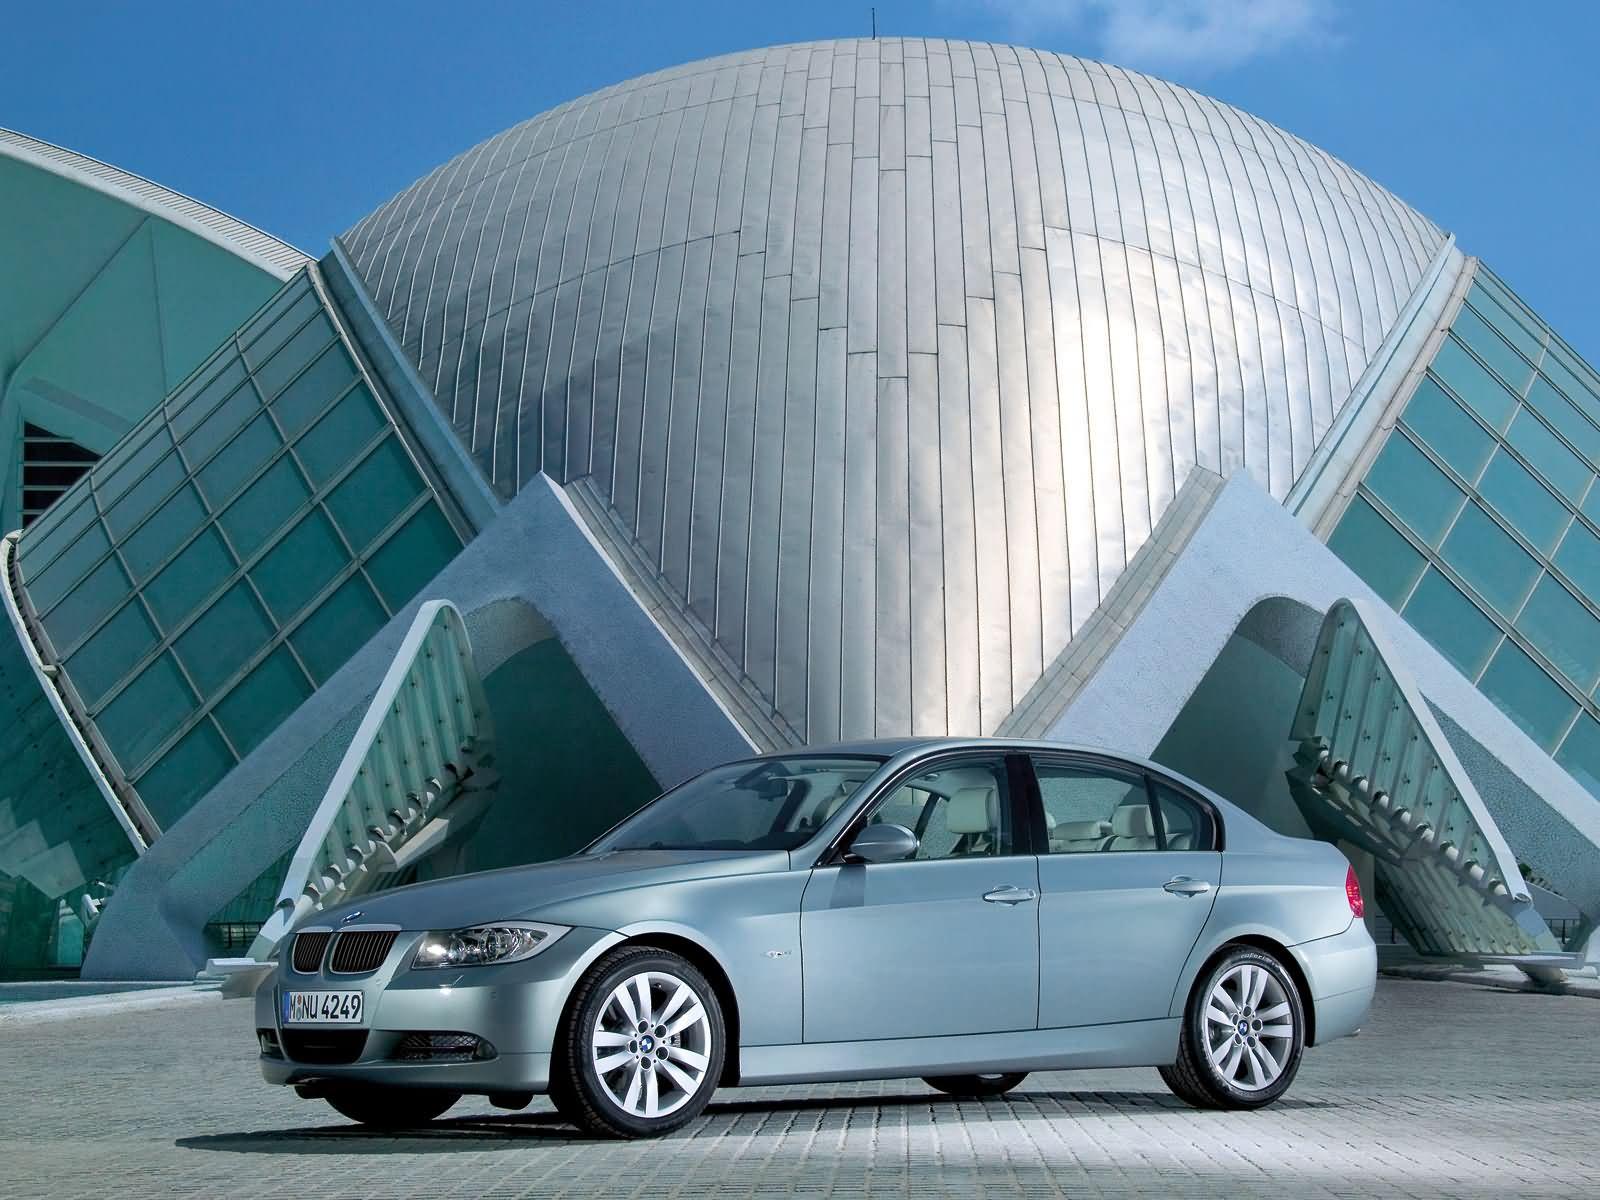 BMW-E90.jpg